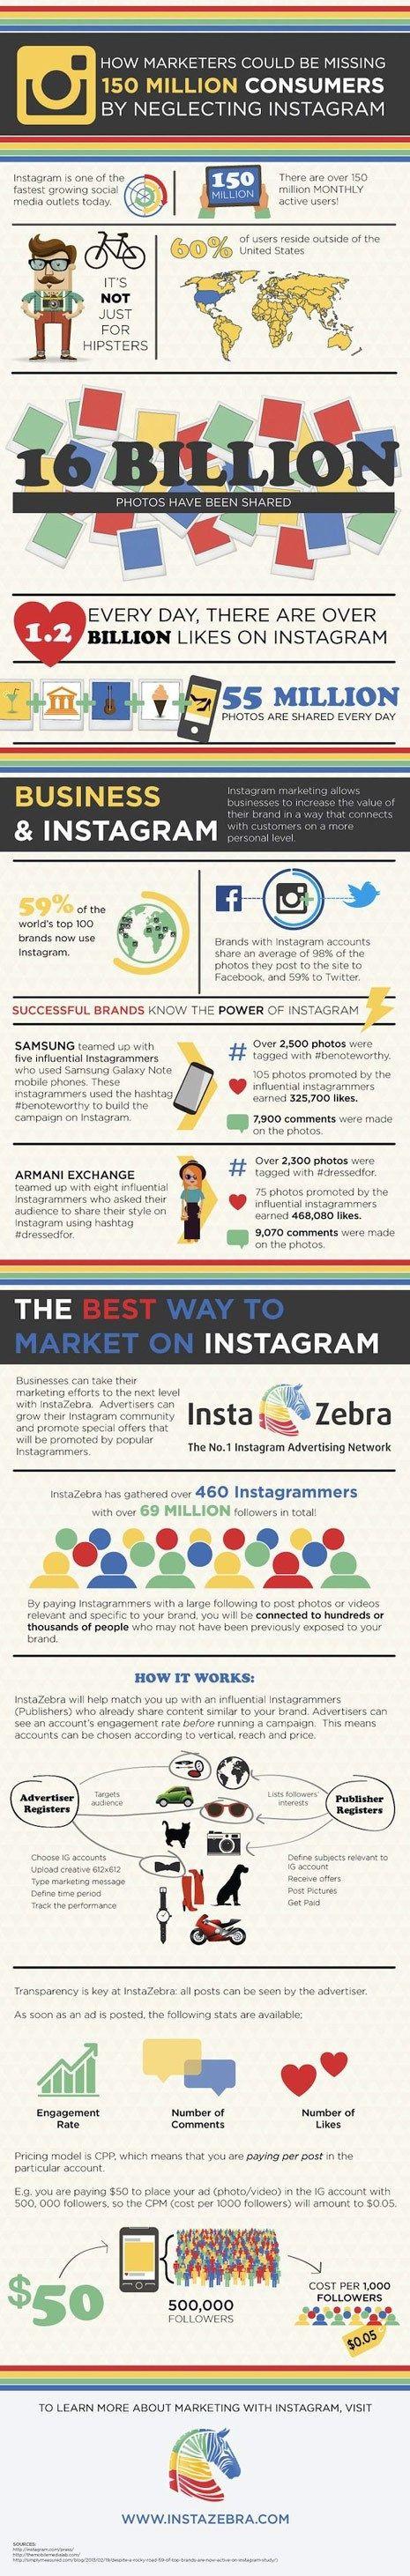 Si tu #empresa no usa #Instagram está perdiendo #clientes #infografia